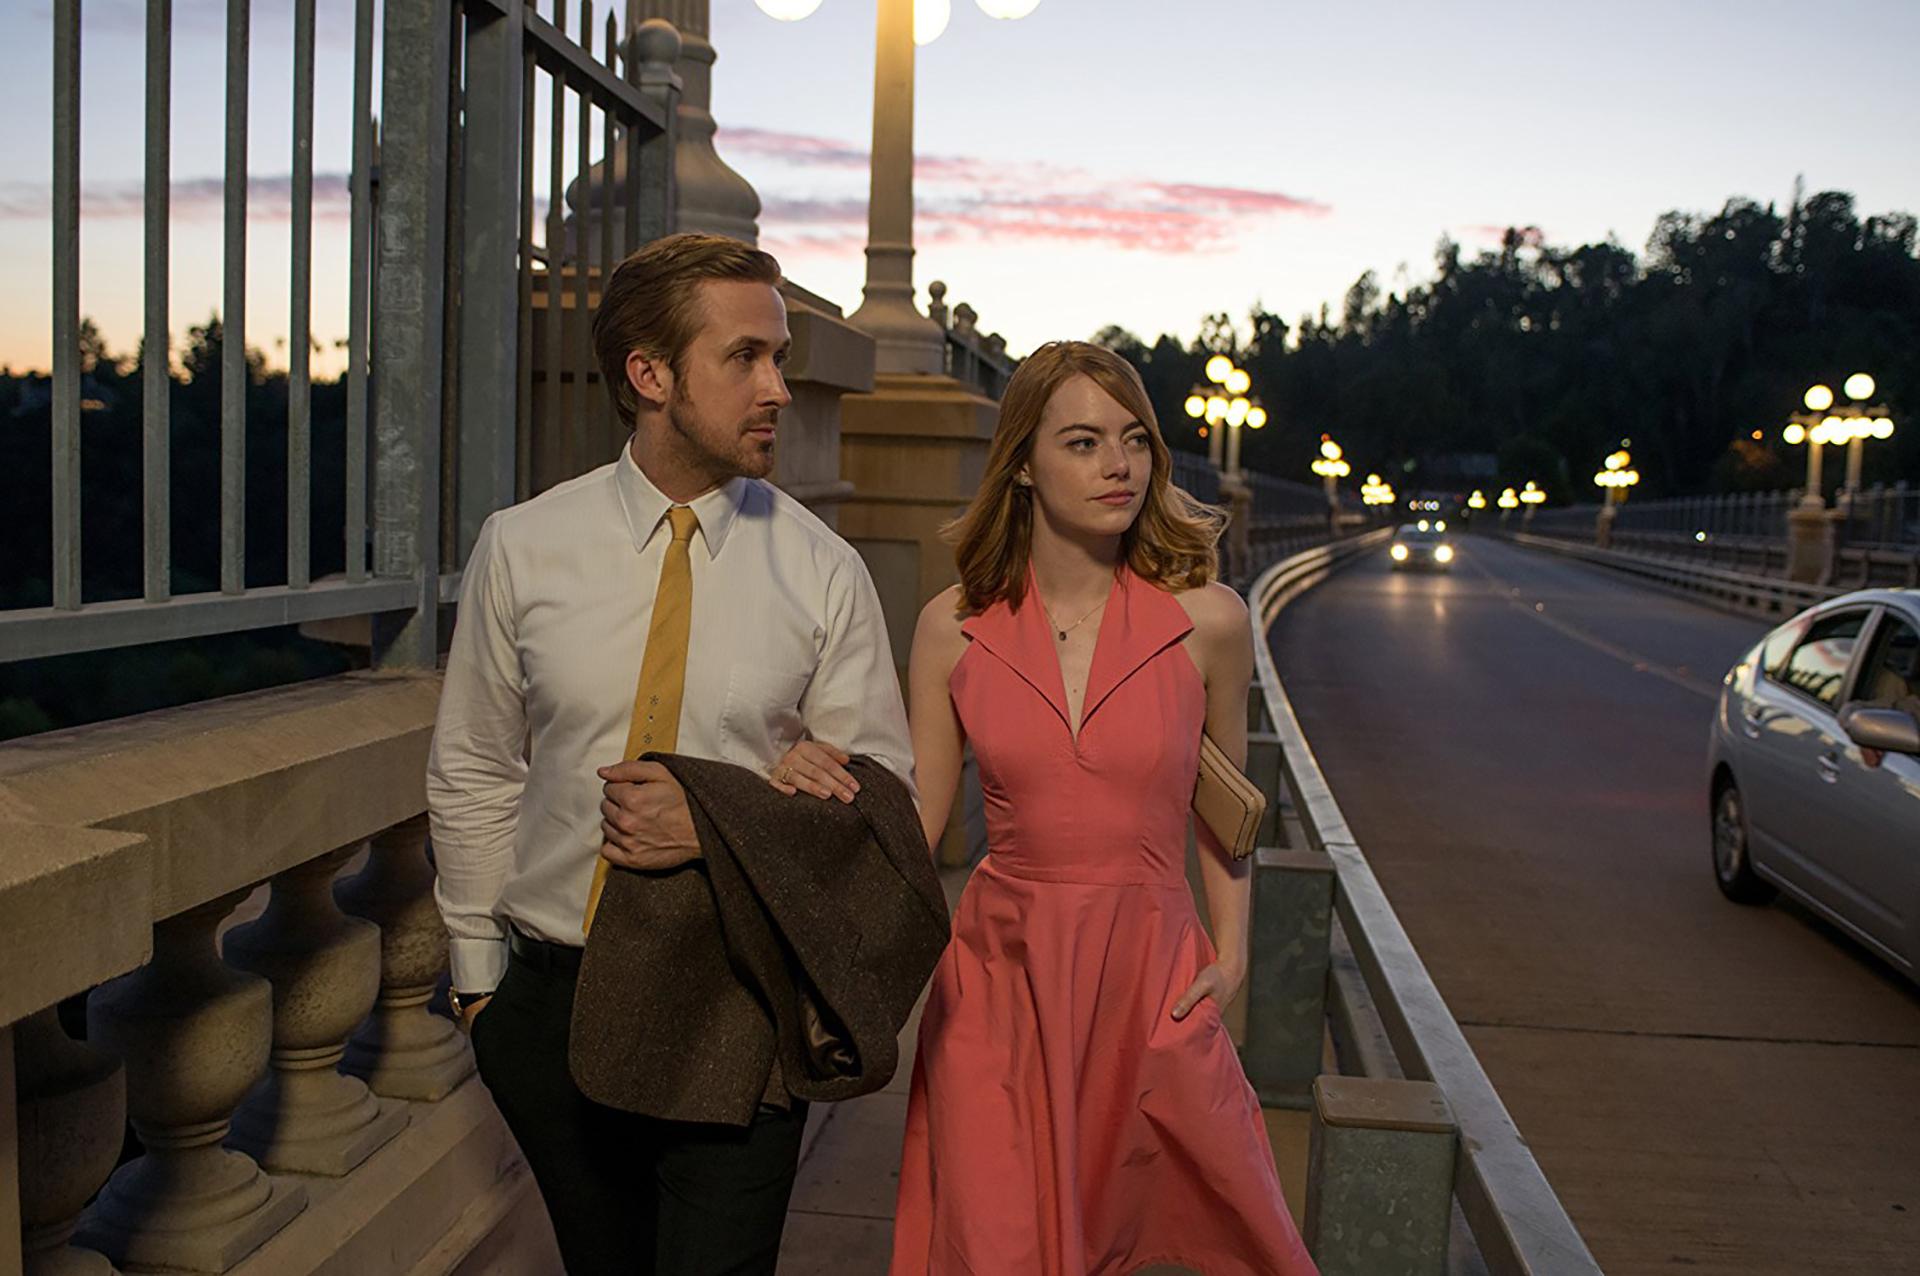 La La Land (2017) – 74ª edición.Dirigida por Damien Chazelle.Ganó 6 Globos de Oro: mejor película, mejor director, mejor guión, mejor actriz, mejor actor y mejor banda sonora